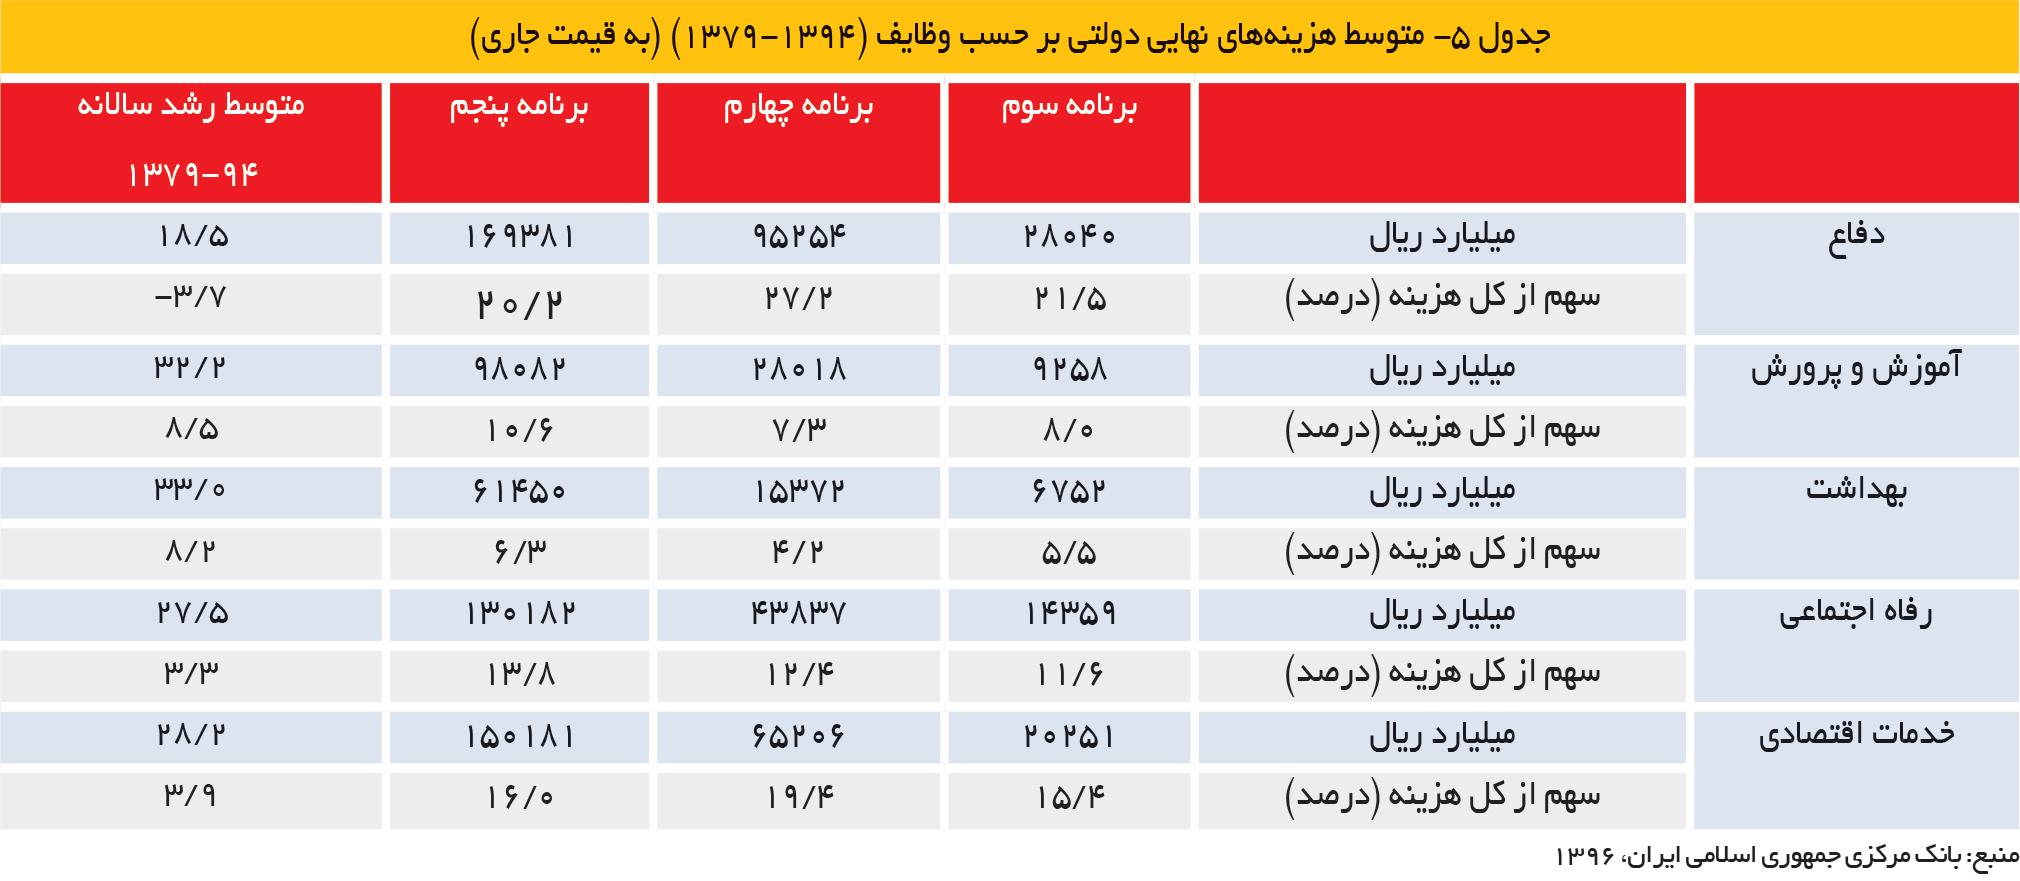 تجارت فردا- جدول 5- متوسط هزینههای نهایی دولتی بر حسب وظایف (1394-1379) (به قیمت جاری)